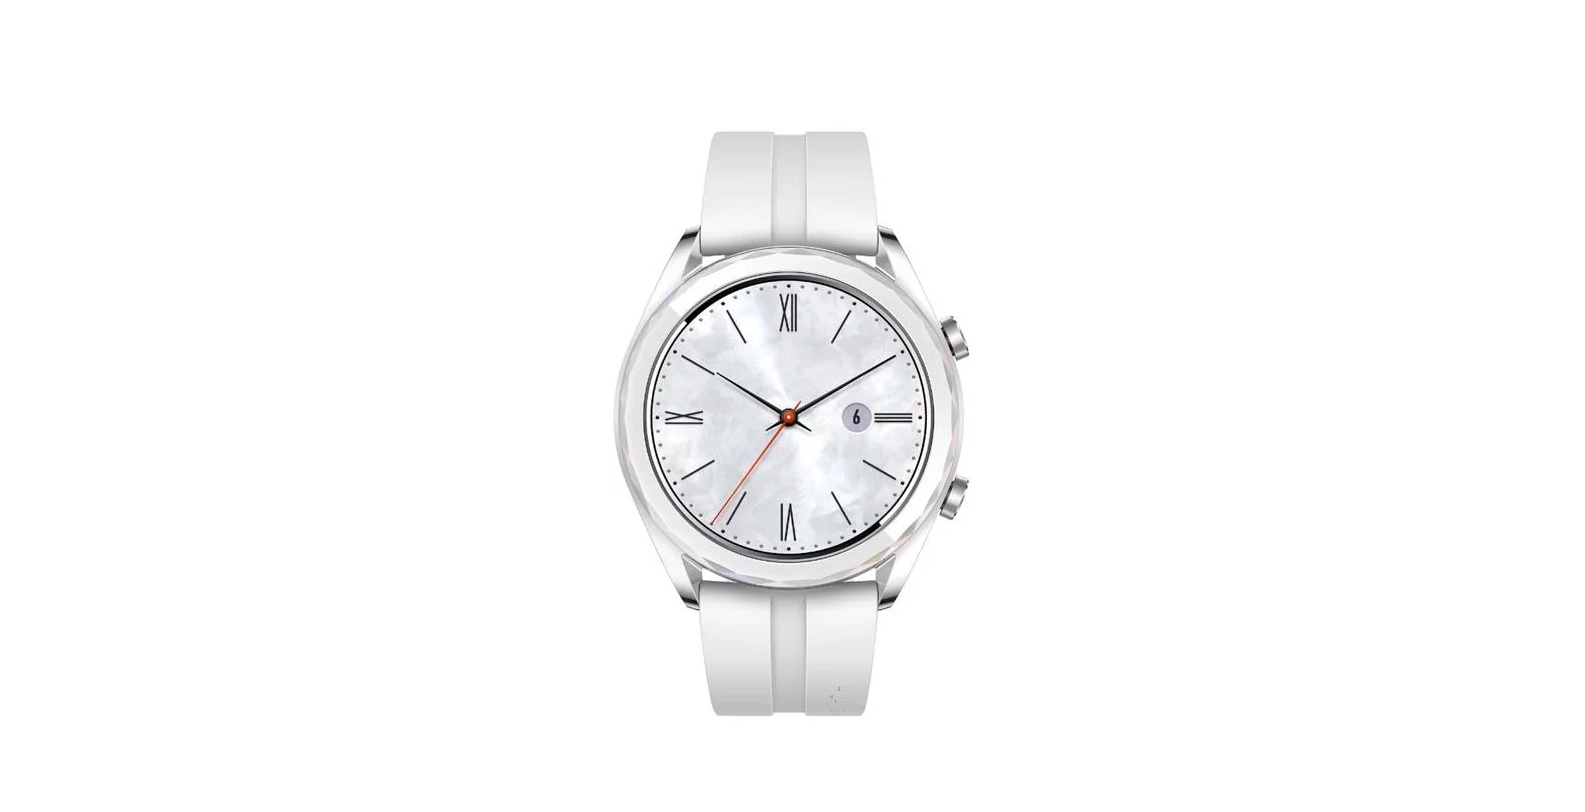 Hodinky Huawei Watch GT přichází ve verzi Elegant Edition